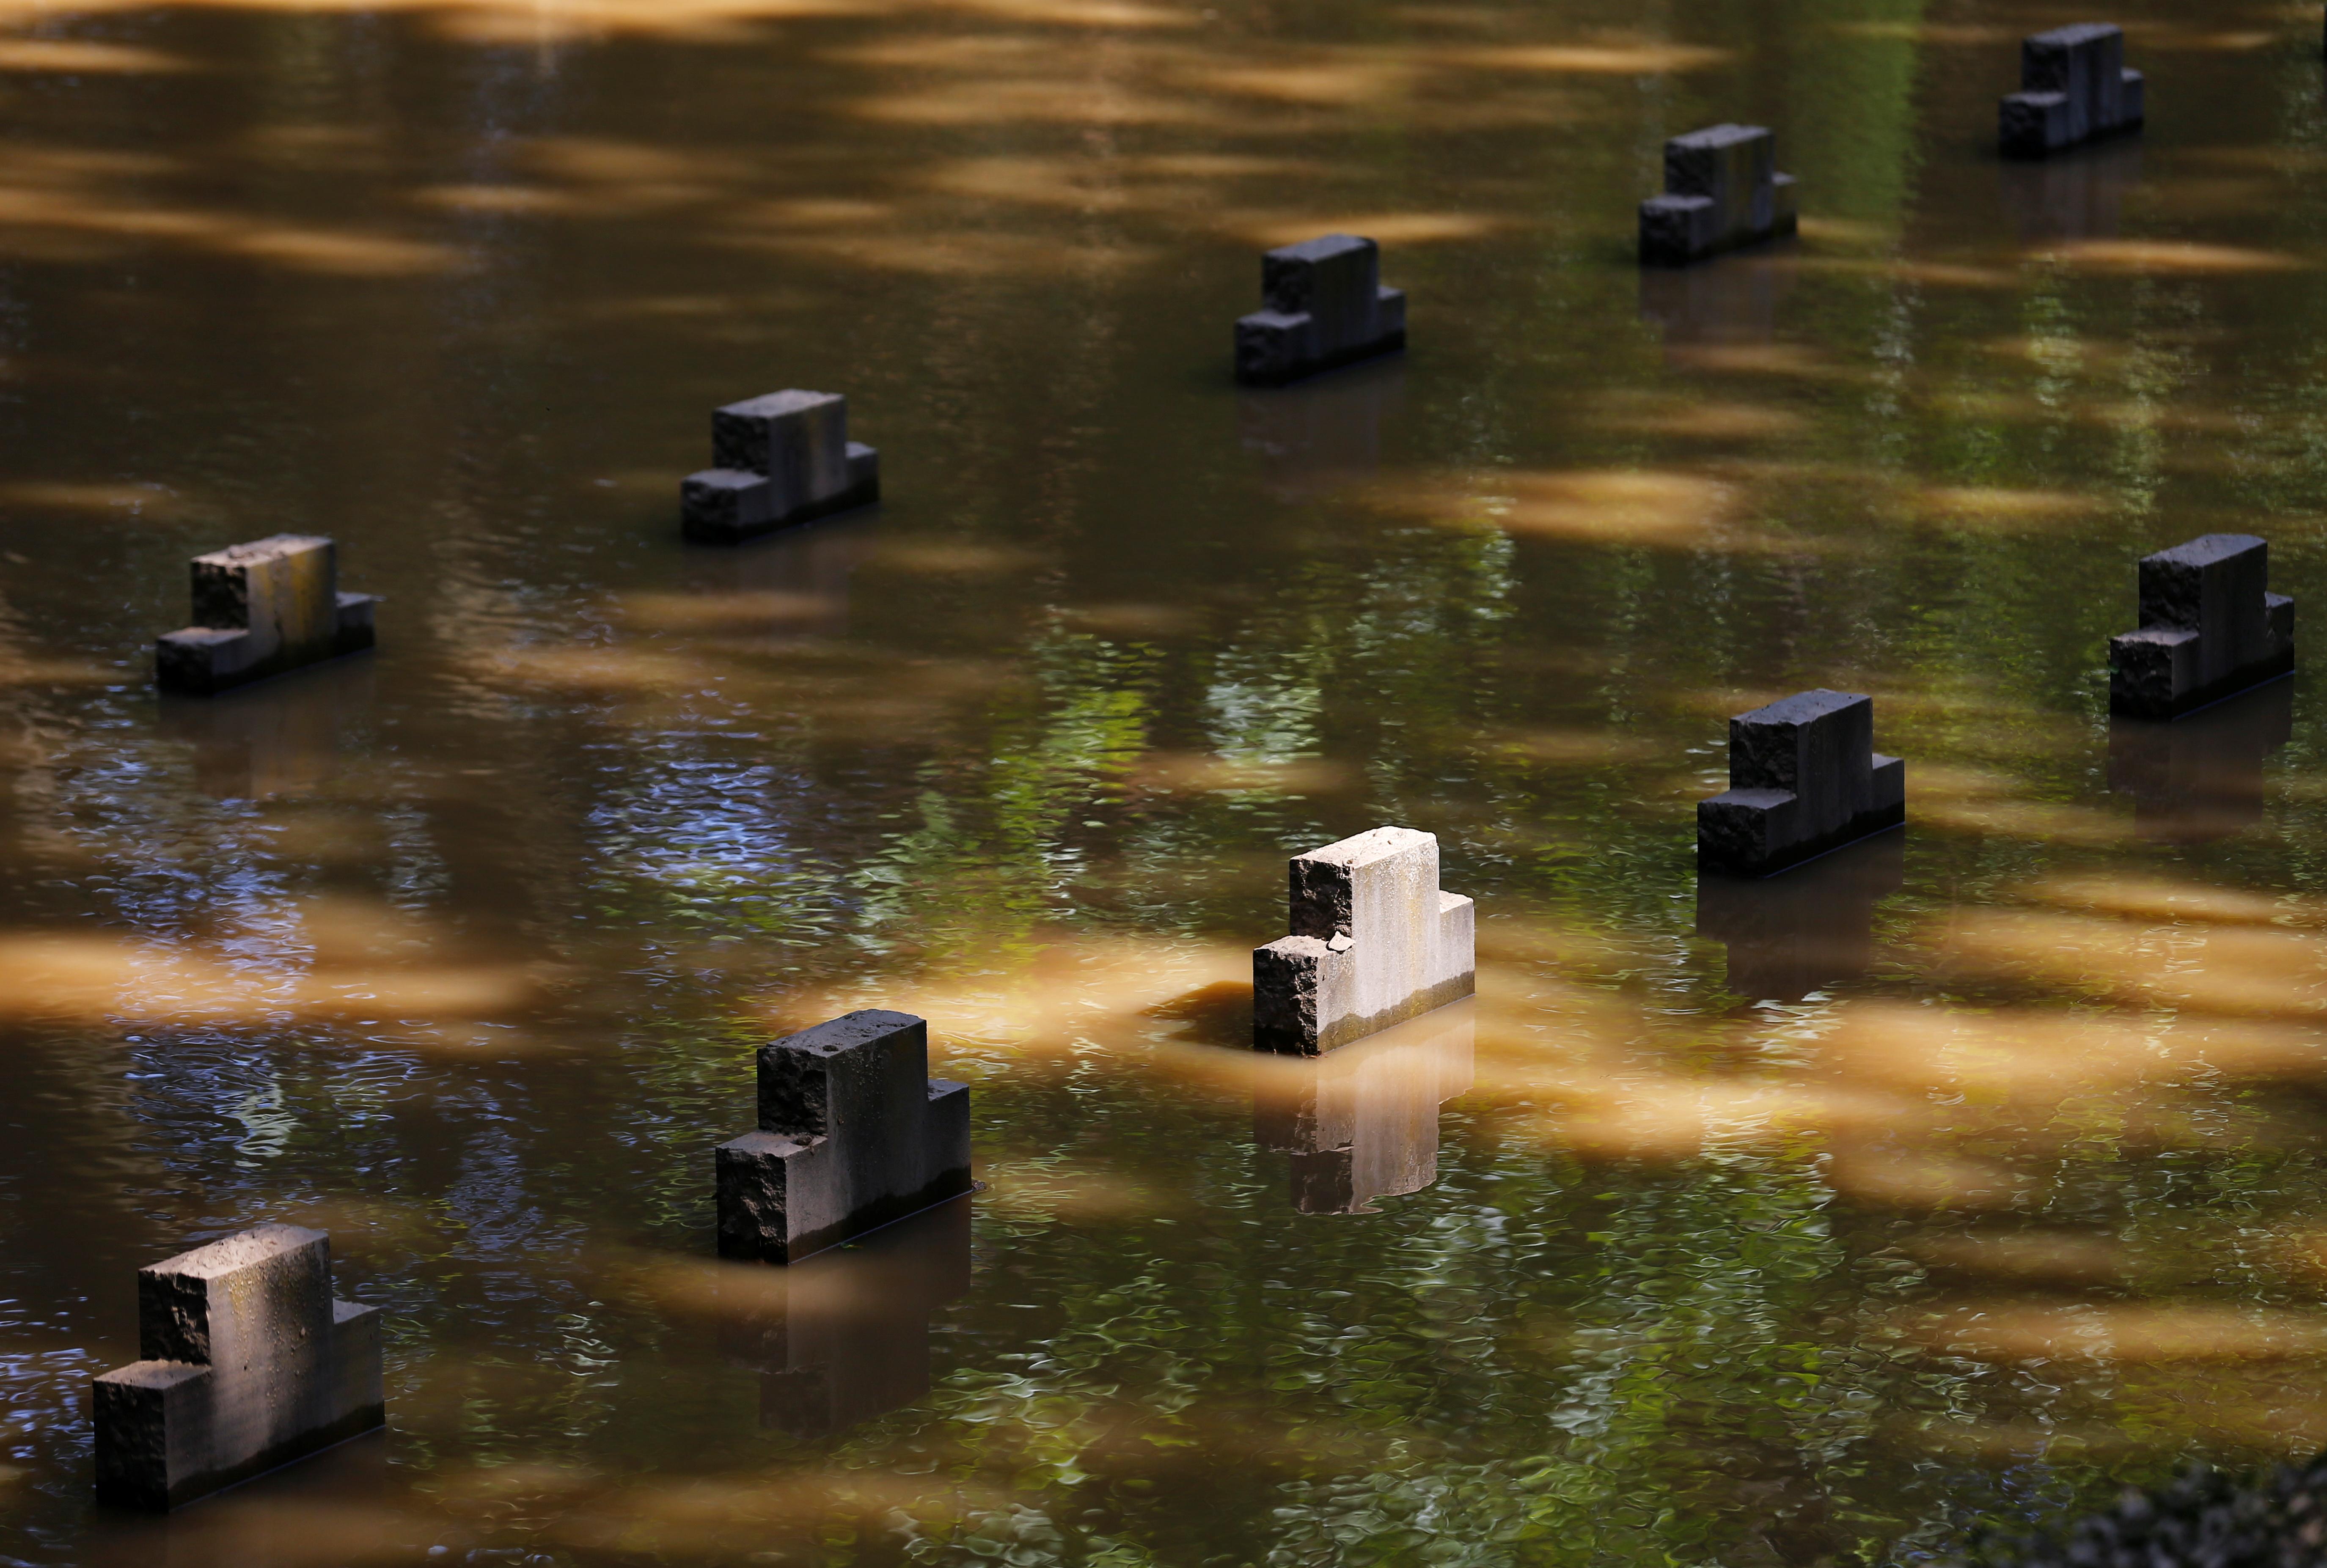 जर्मनी के एरफास्ट-ब्लेसेम शहर में इतनी बारिश हुई की कब्रिस्तान में बनीं सारी कब्रें भी पानी में डूब गईं।